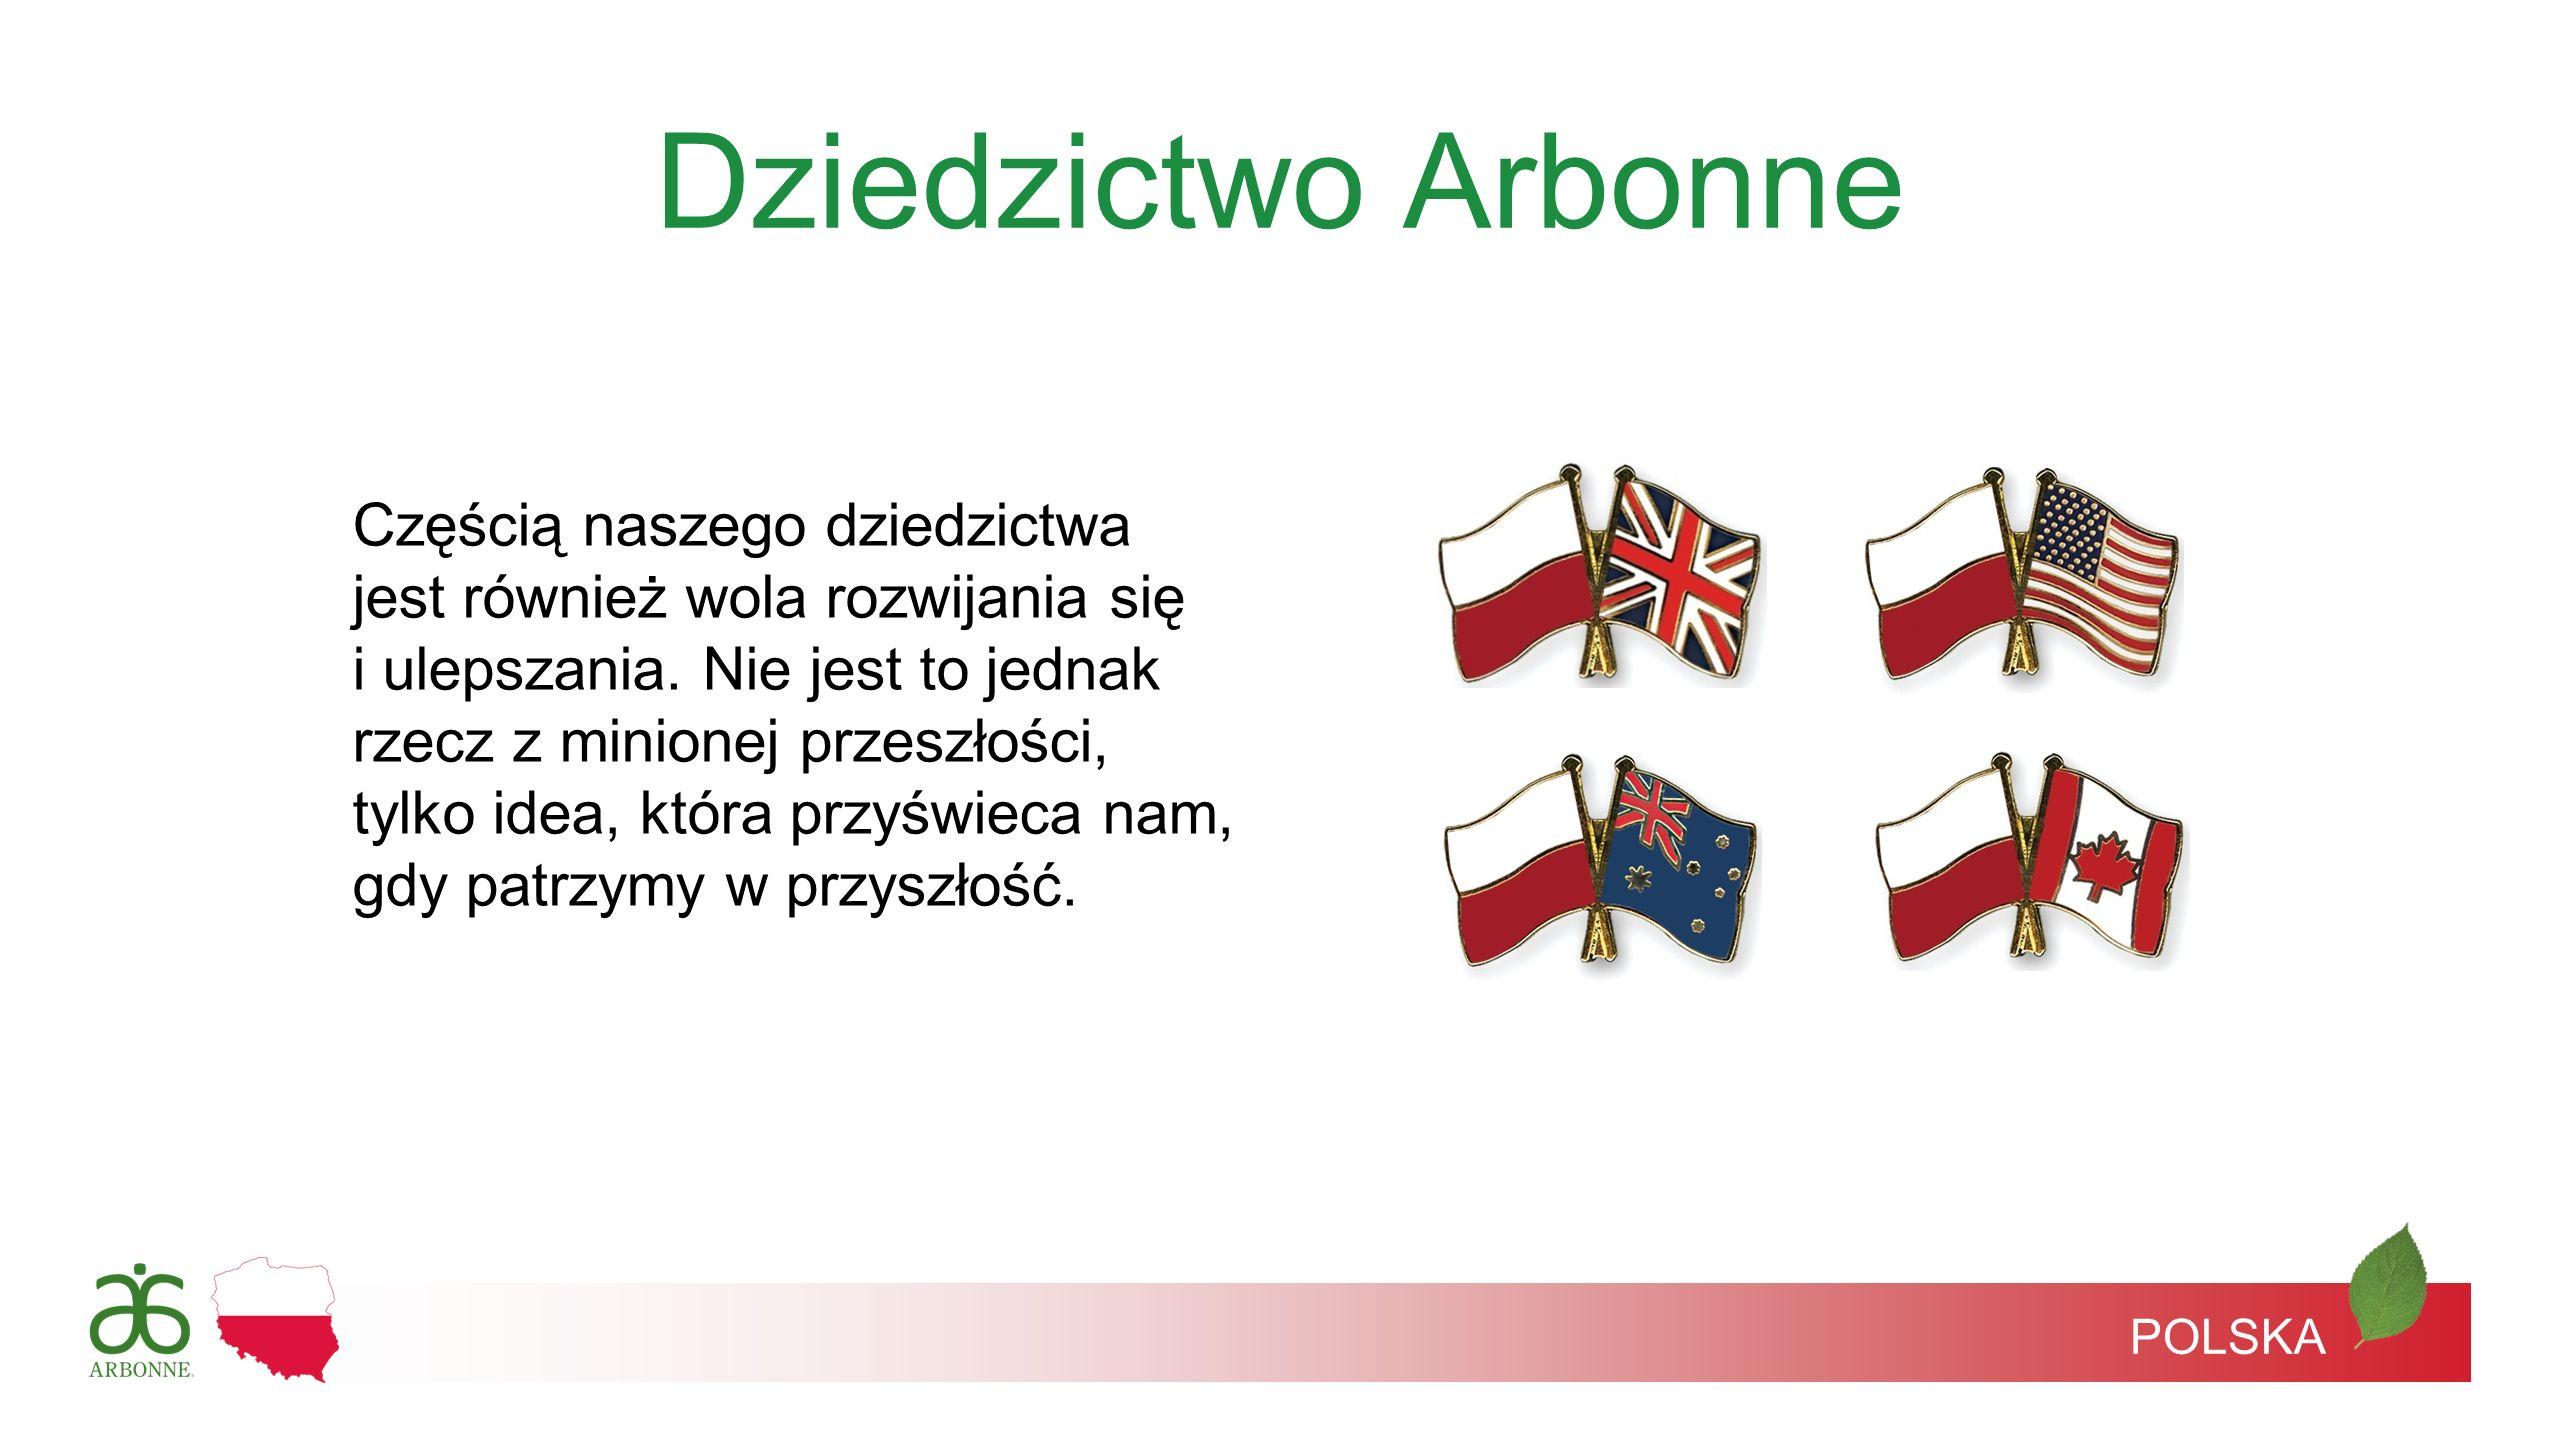 POLSKA Arbonne Intelligence®